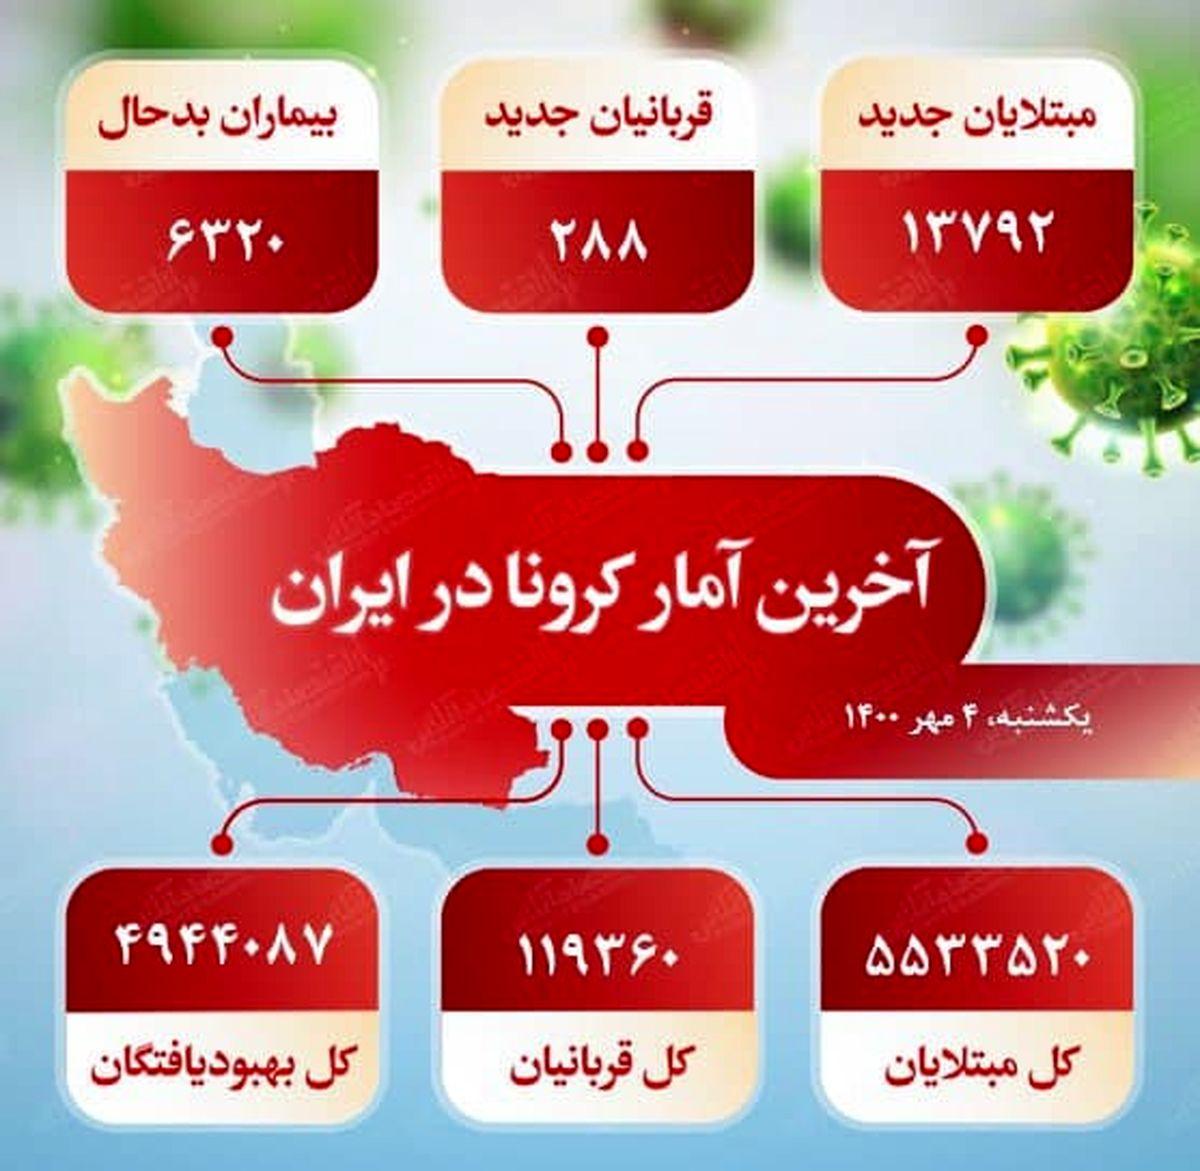 آخرین آمار کرونا در ایران (۱۴۰۰/۷/۴)